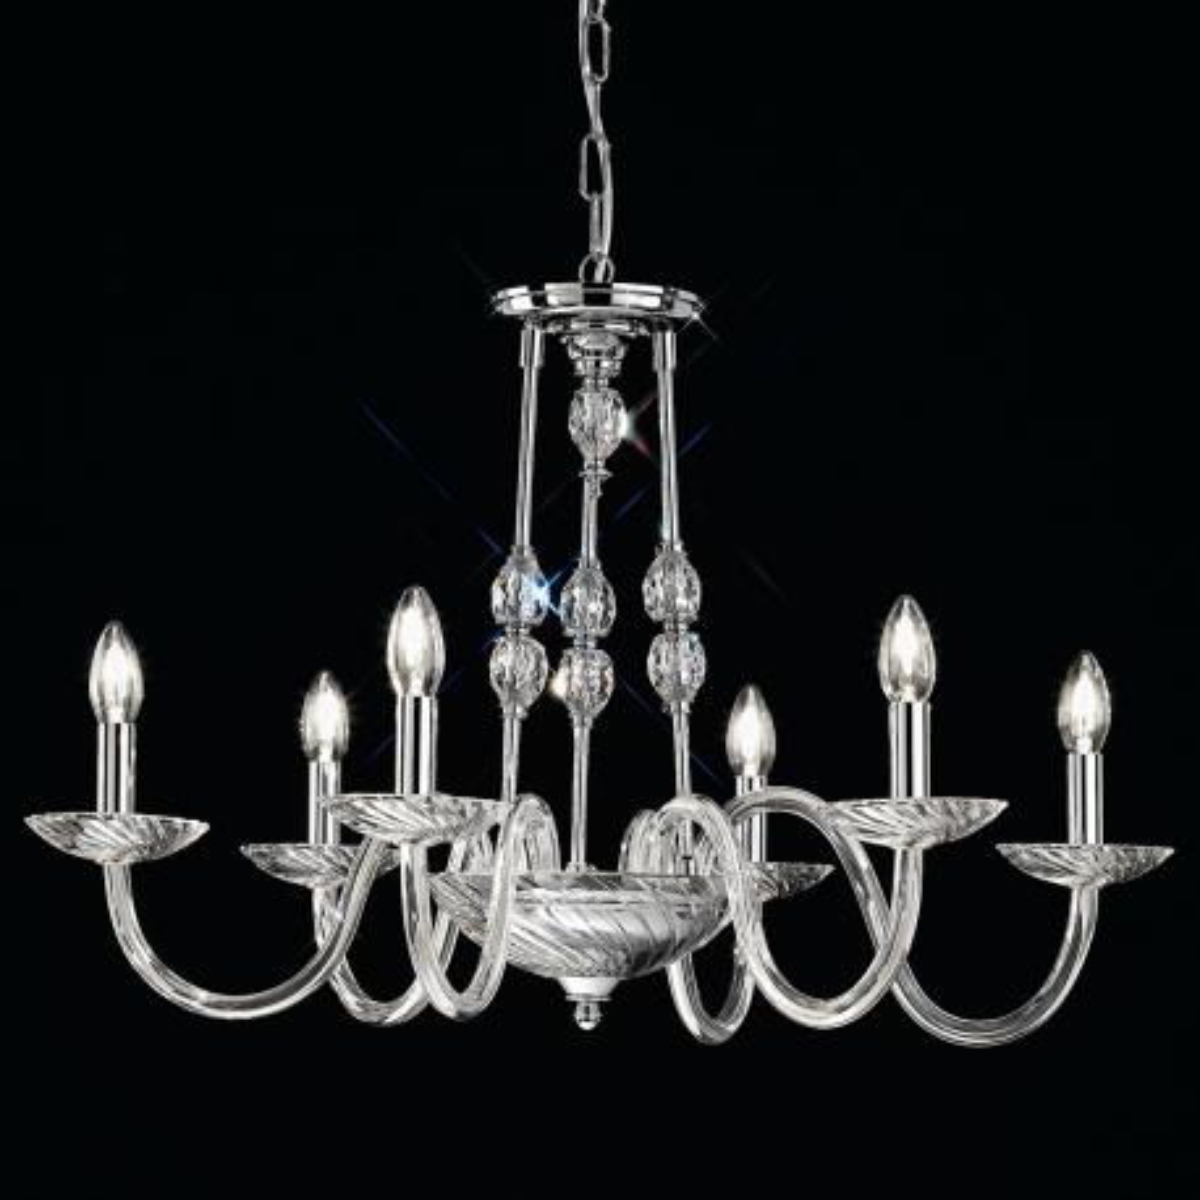 """""""Gentileschi"""" lampara veneciana en cristal - 6 luces - transparent con Swarovski colgantes"""